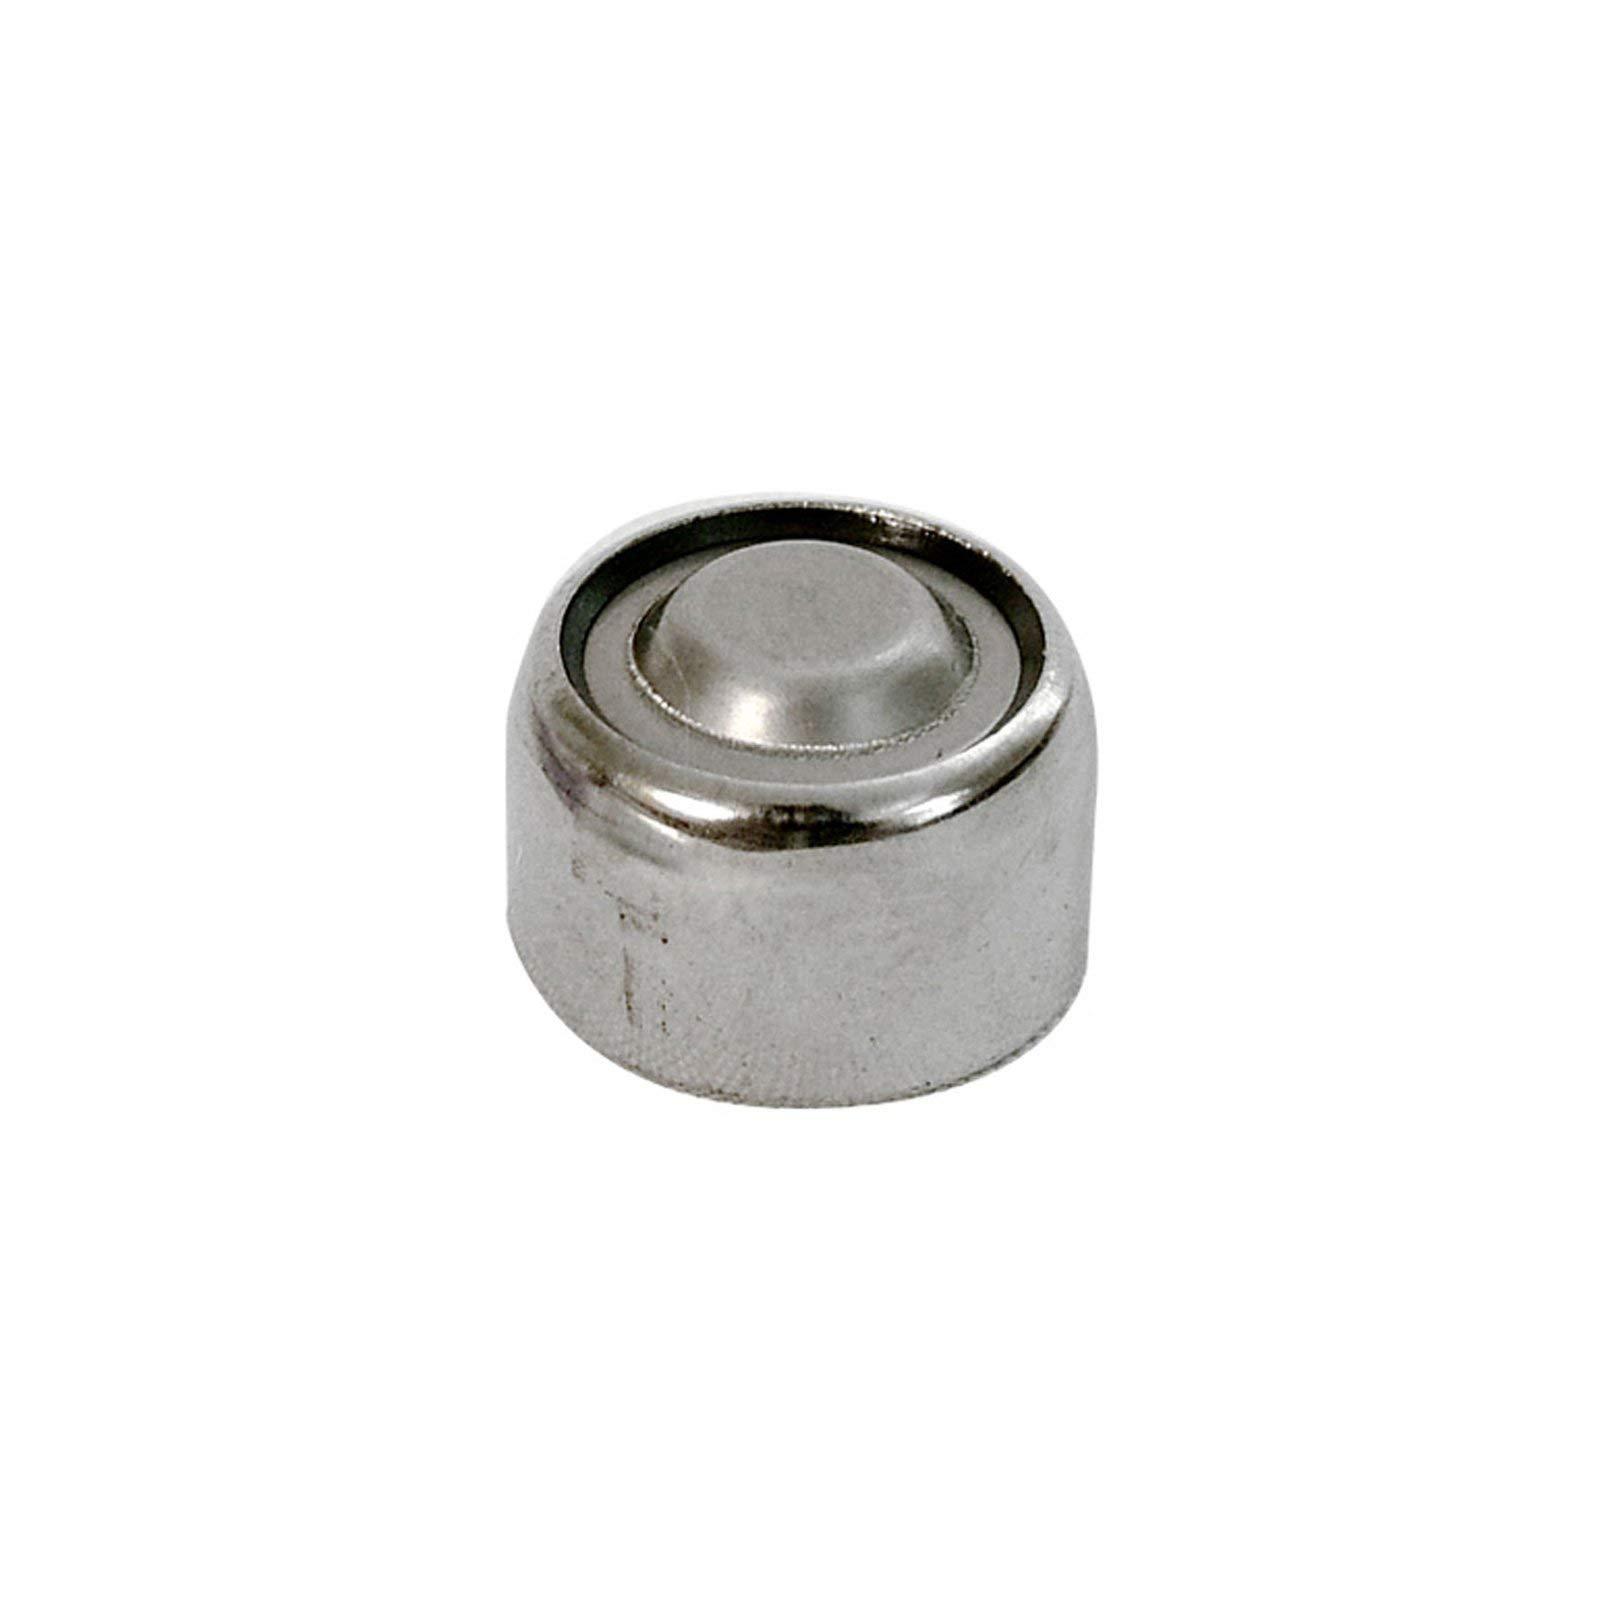 Exell A640PX 1.5V Alkaline Battery 1126A, A640PX, EN640A, EPX640A, LR52, PC640A, PX640A